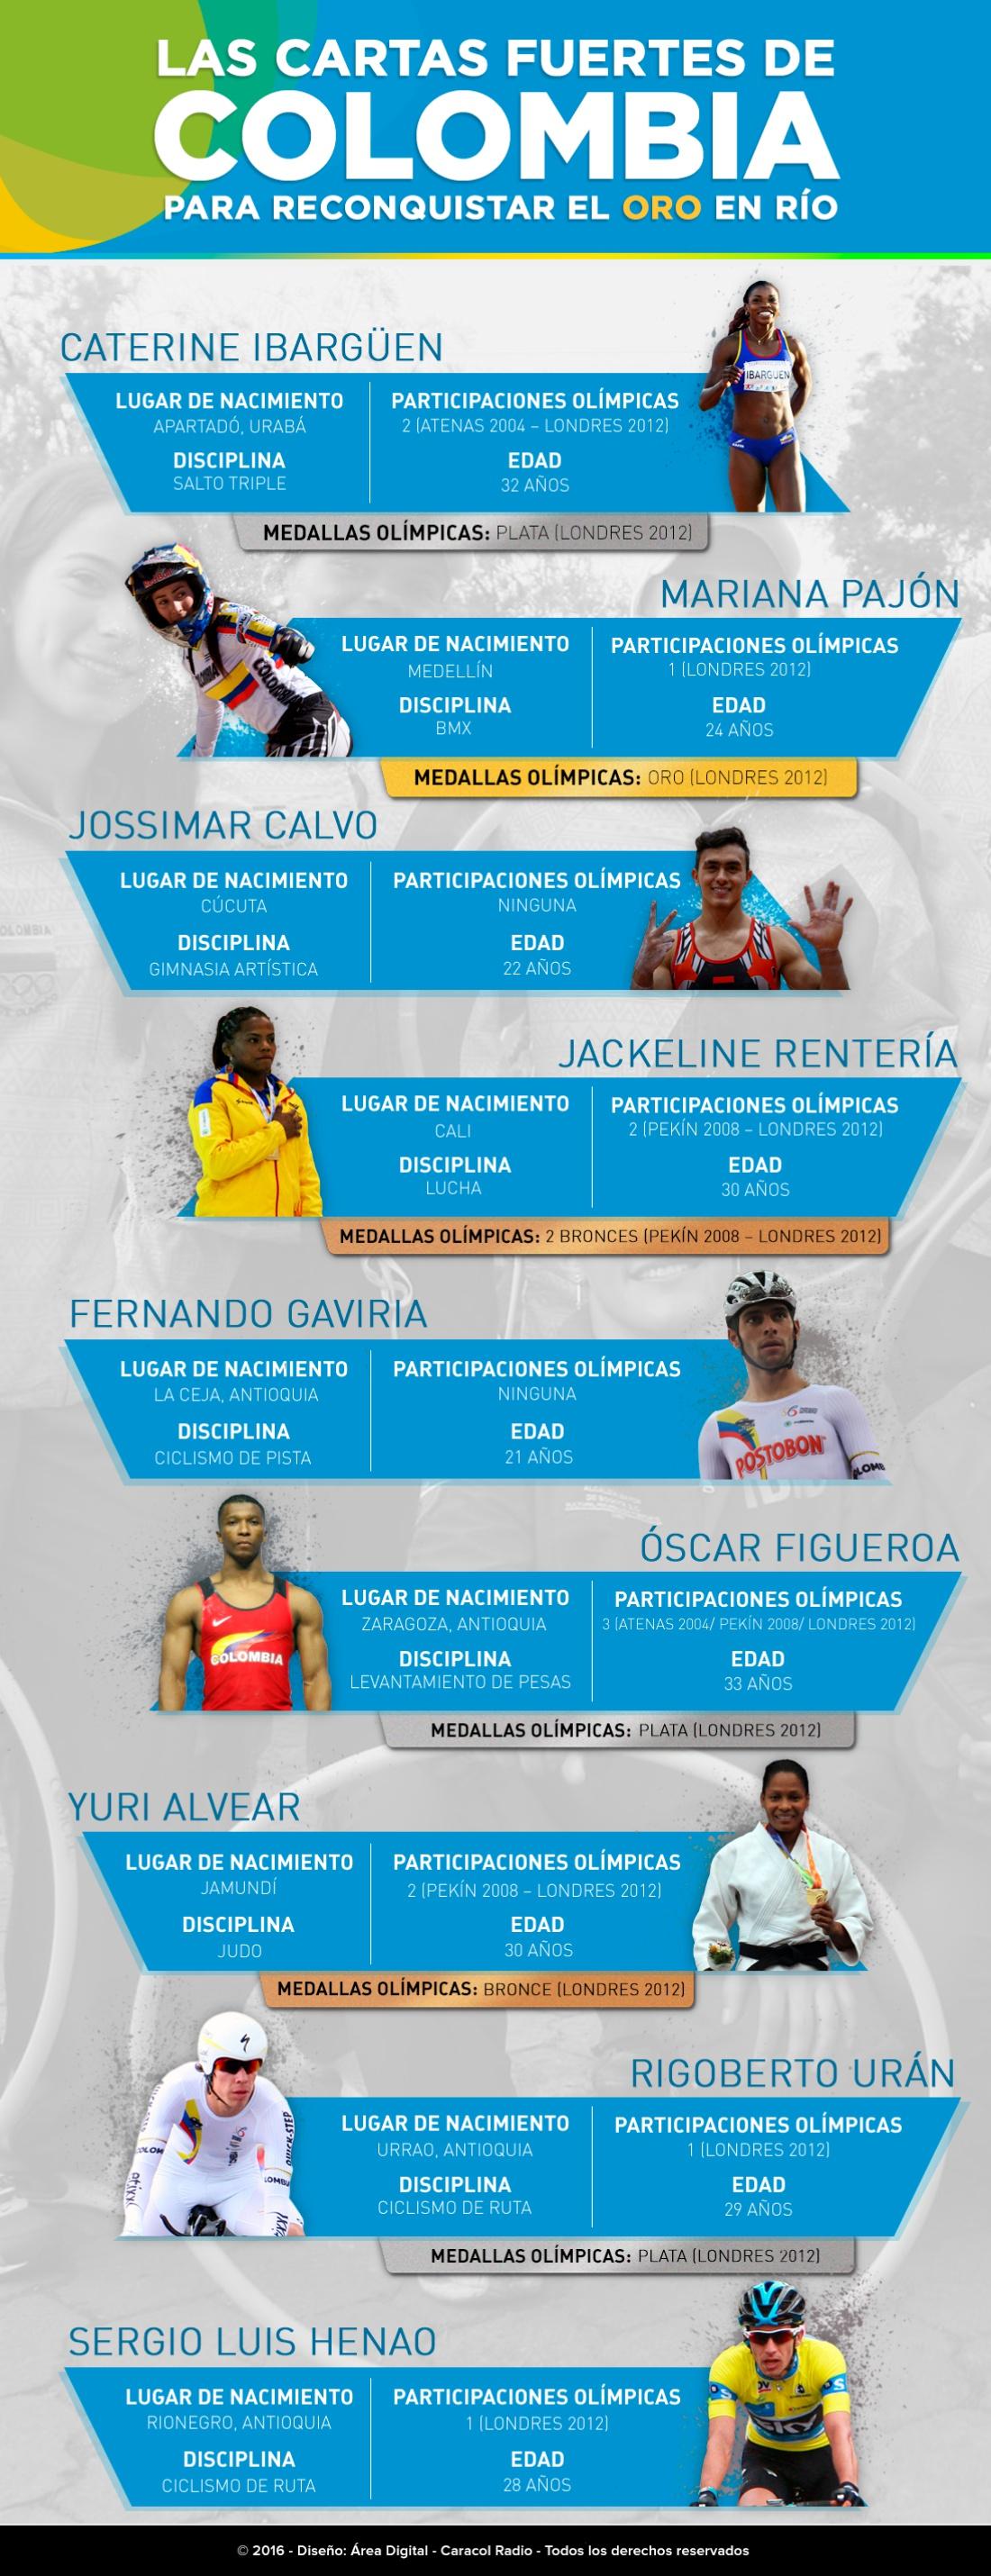 Colombia Juegos Olímpicos Río de Janeiro: Las cartas fuertes de Colombia para reconquistar el oro en Río